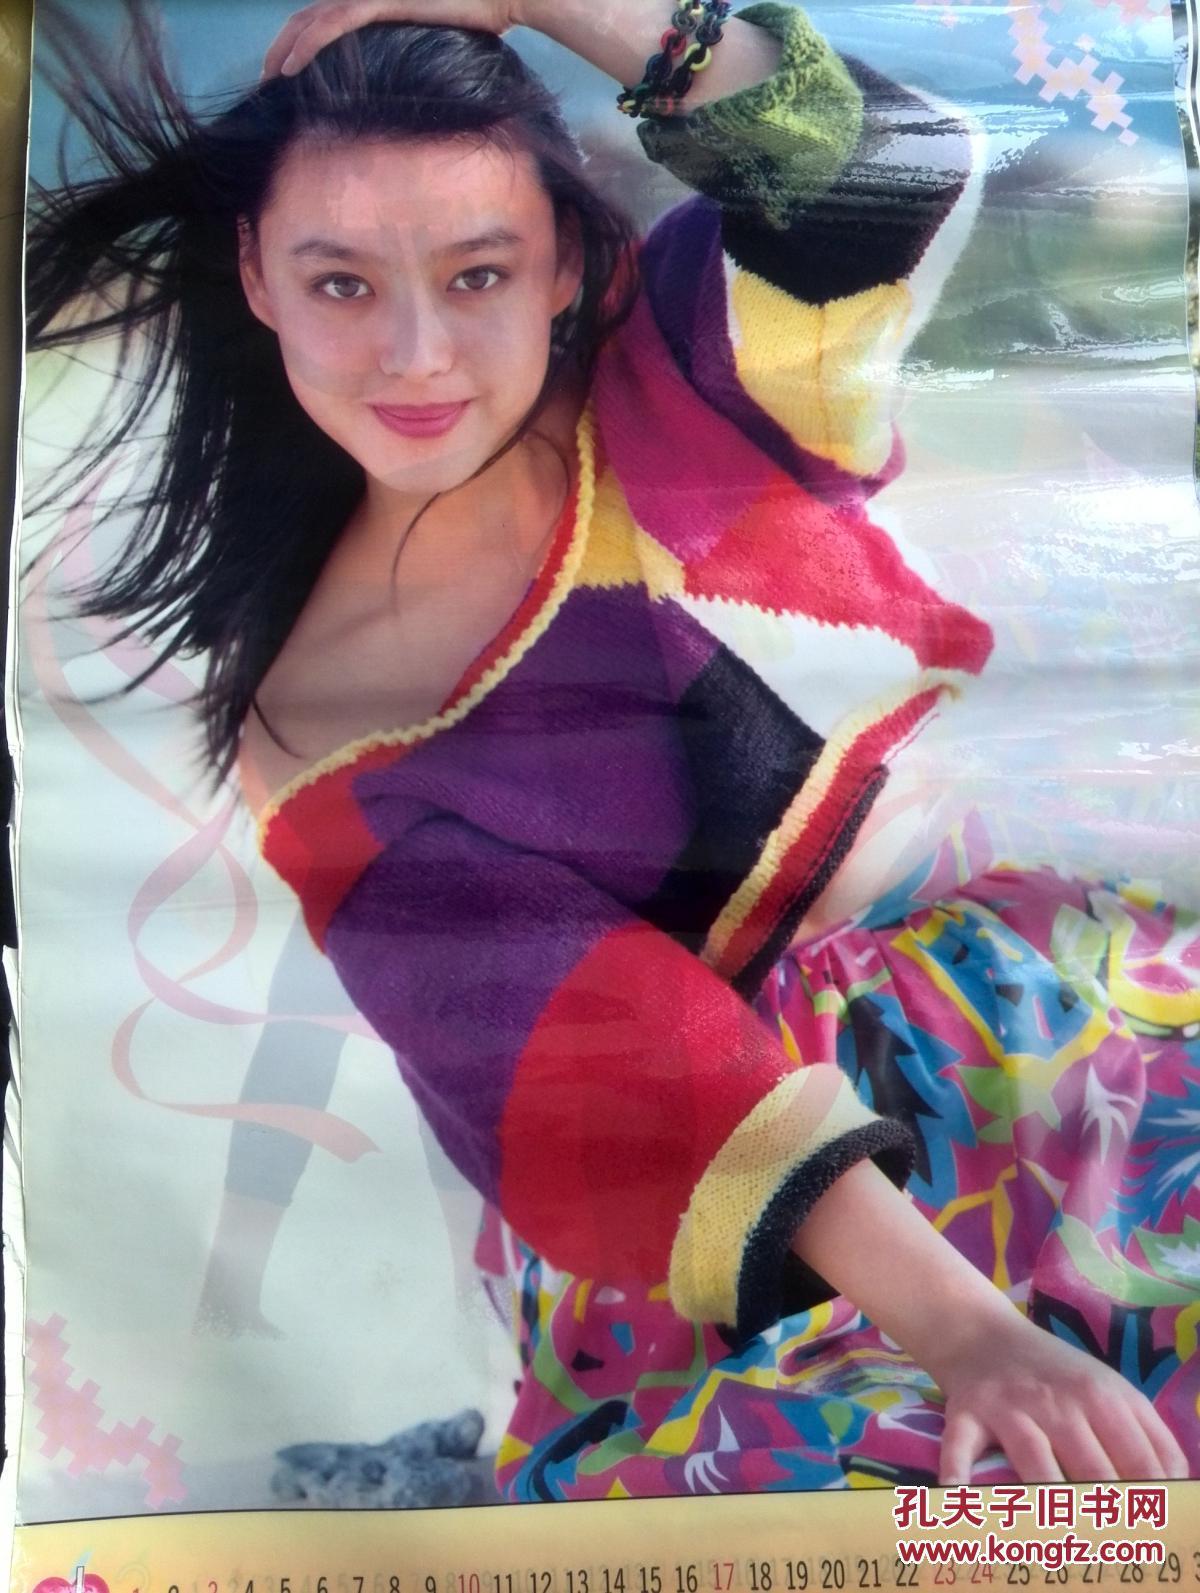 王璐瑶图片泳装_明星美女挂历:93星运,电影明星和名模王璐瑶等泳装照,13张全 ...